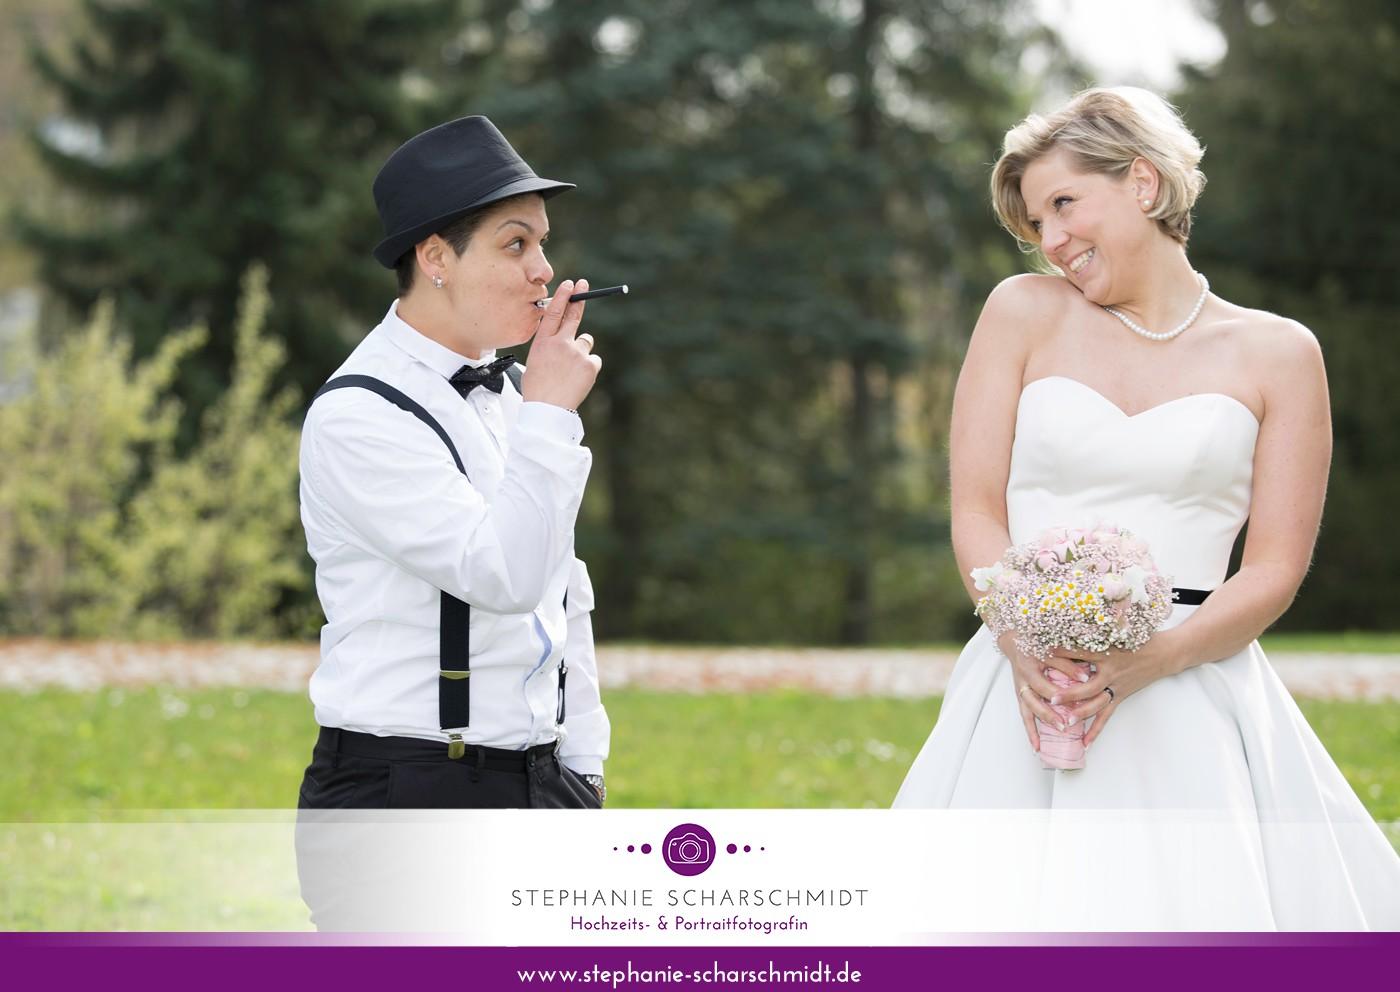 gleichgeschlechtliche Hochzeitsreportage